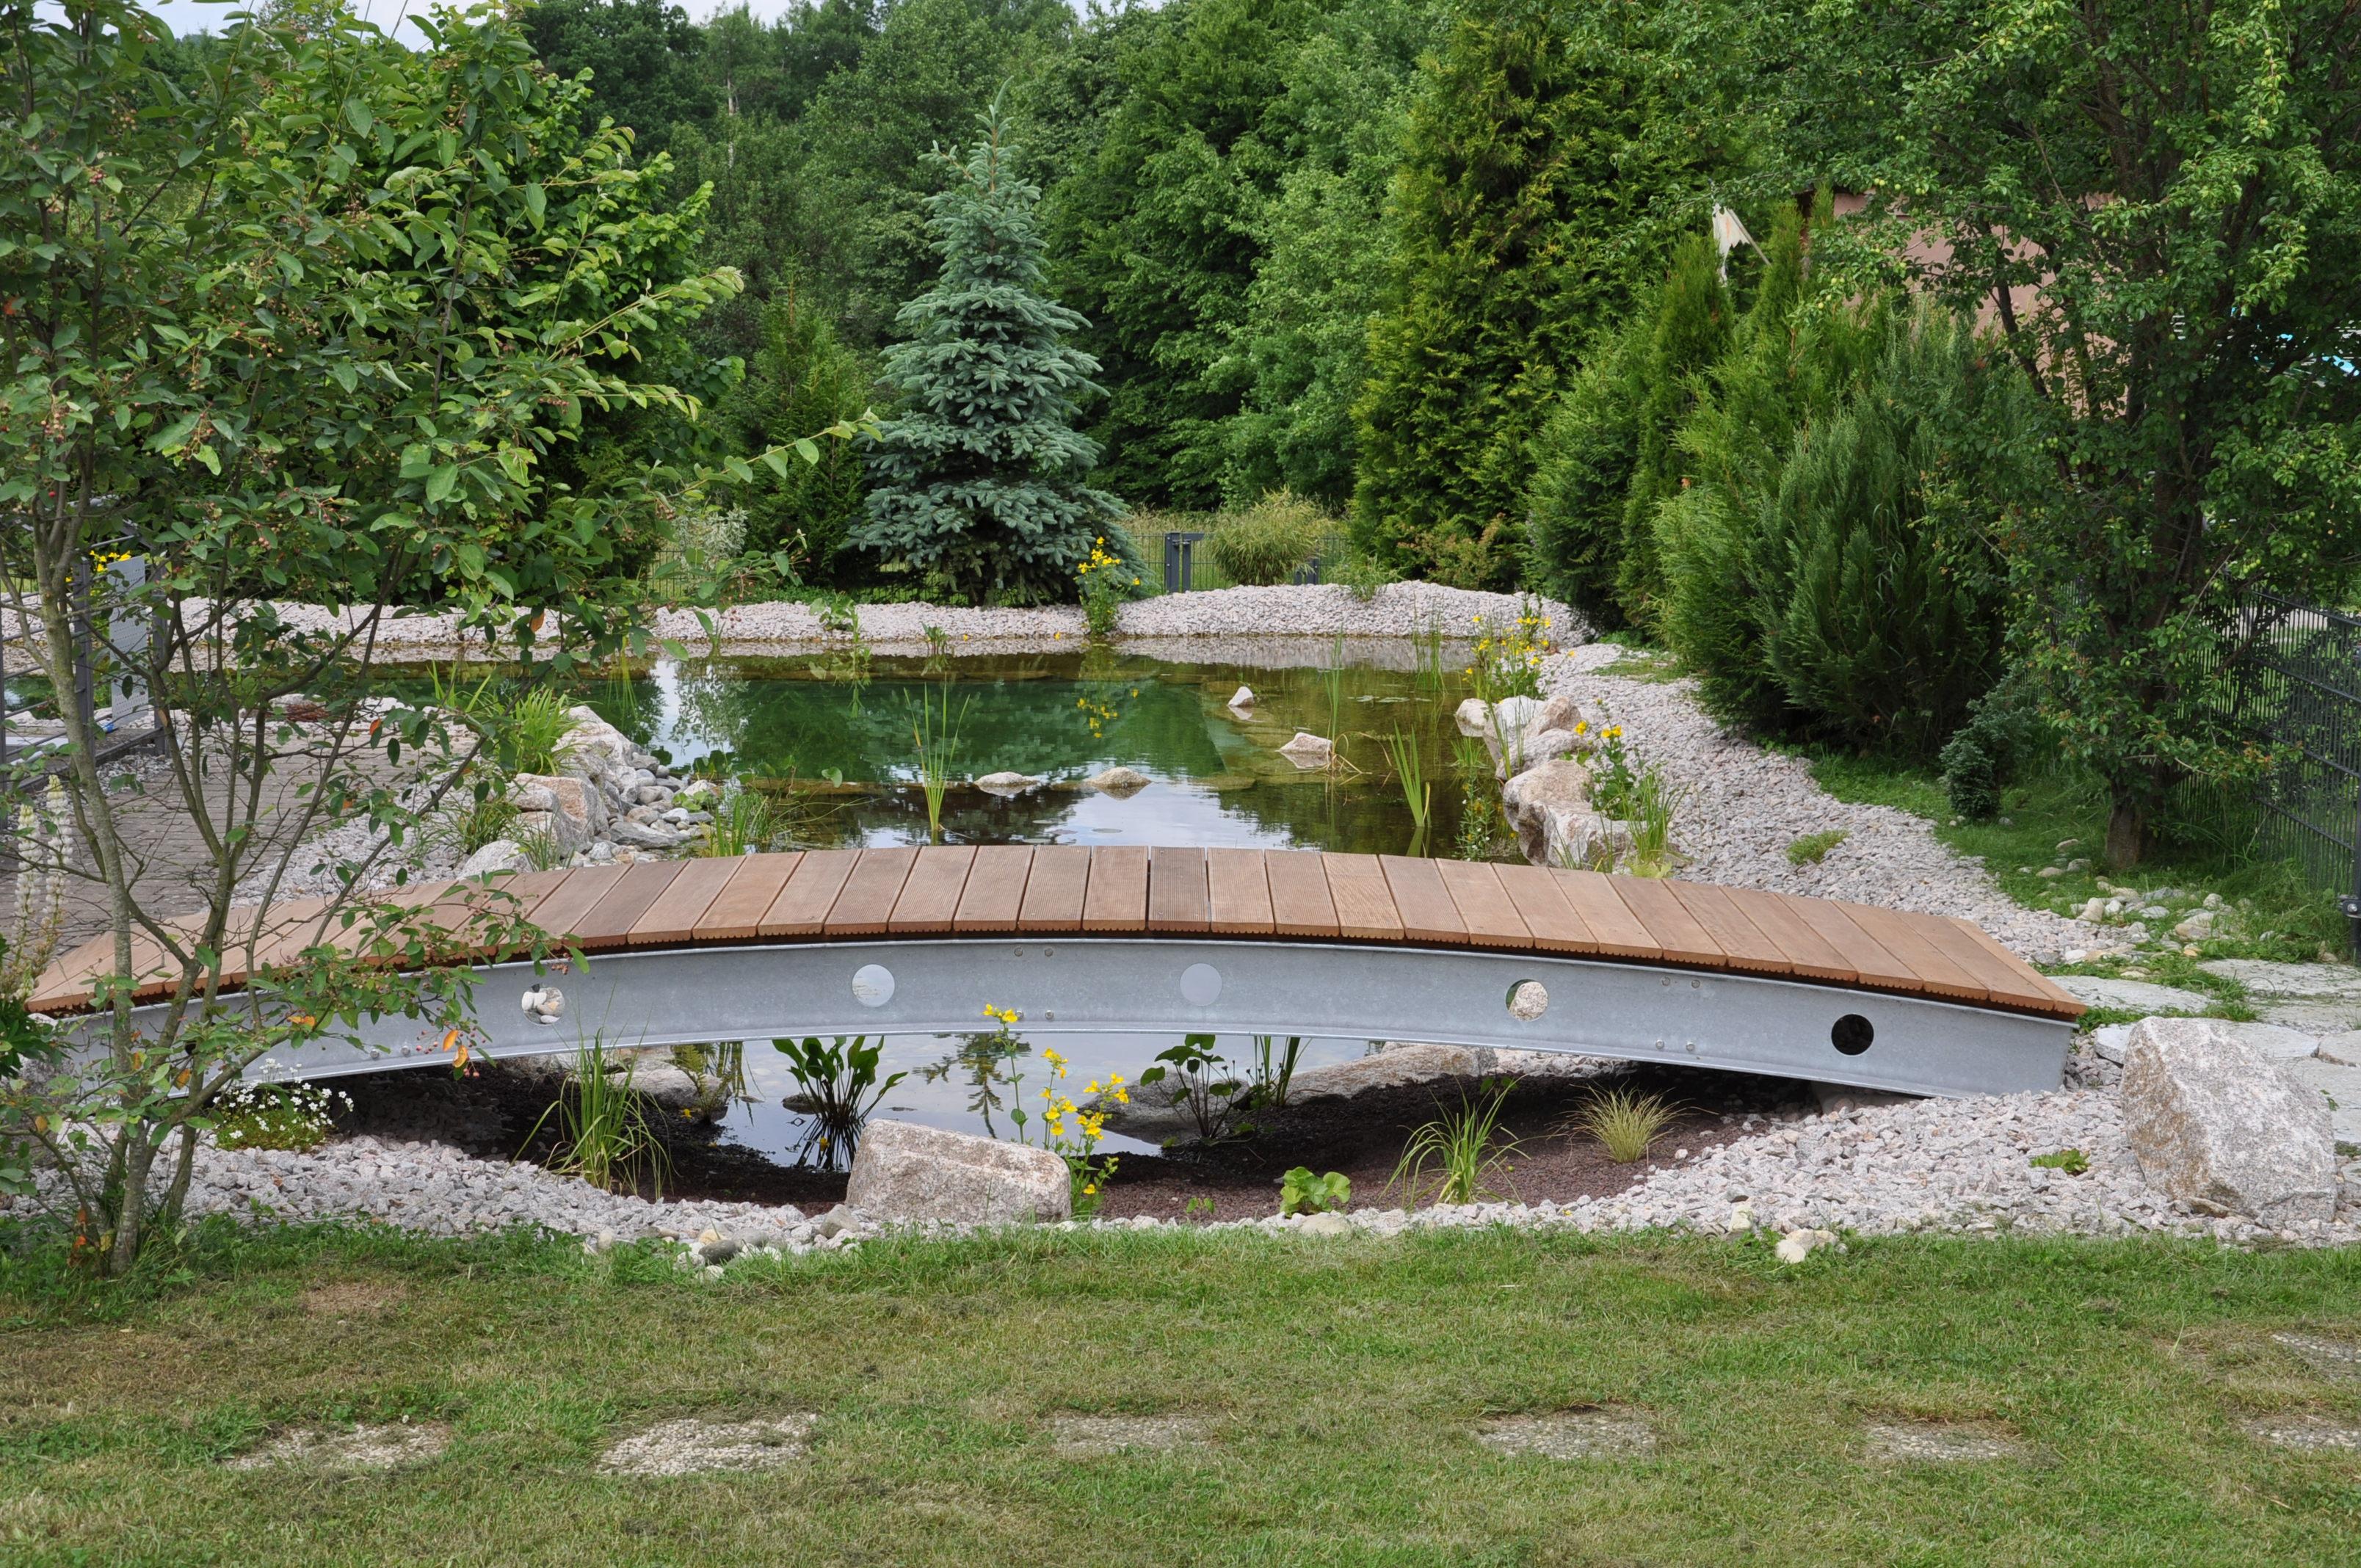 Gartenteich Mit Brucke Und Bachlauf: Egenis